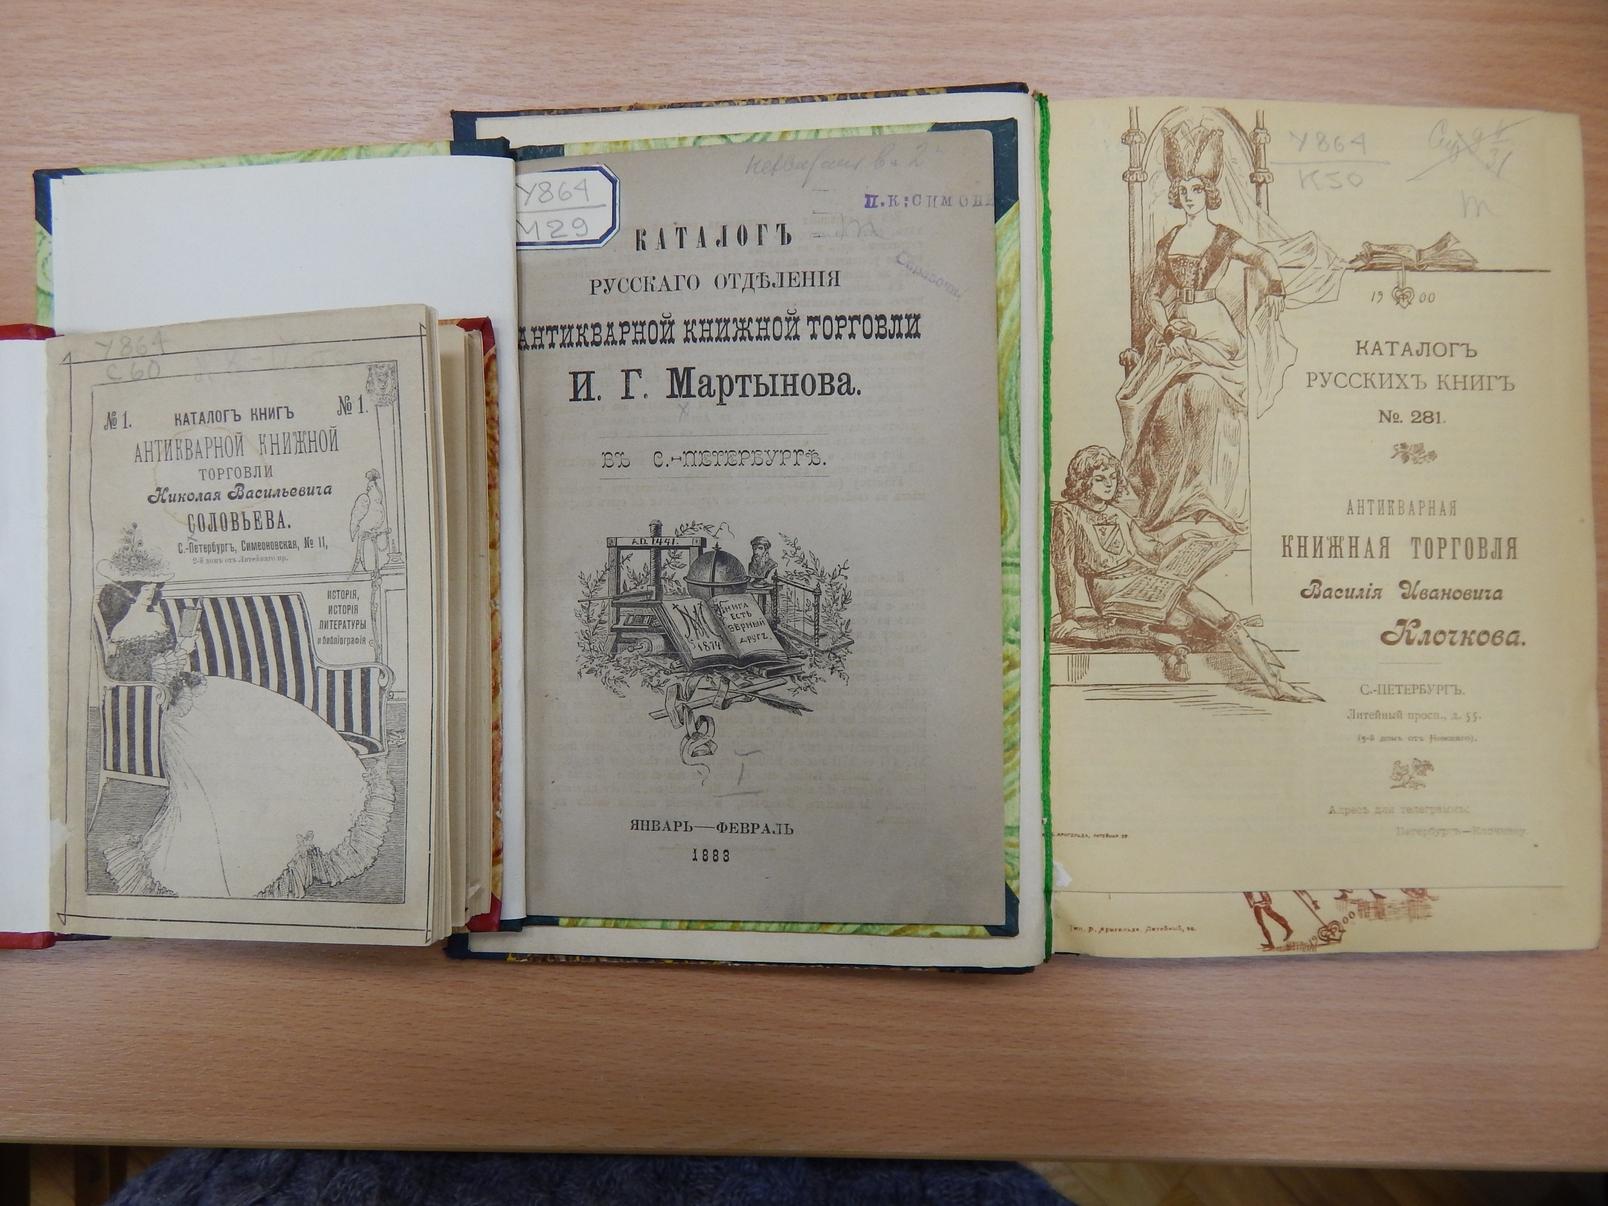 Выставка «Книготорговые каталоги дореволюционной России» – события на сайте «Московские Сезоны»